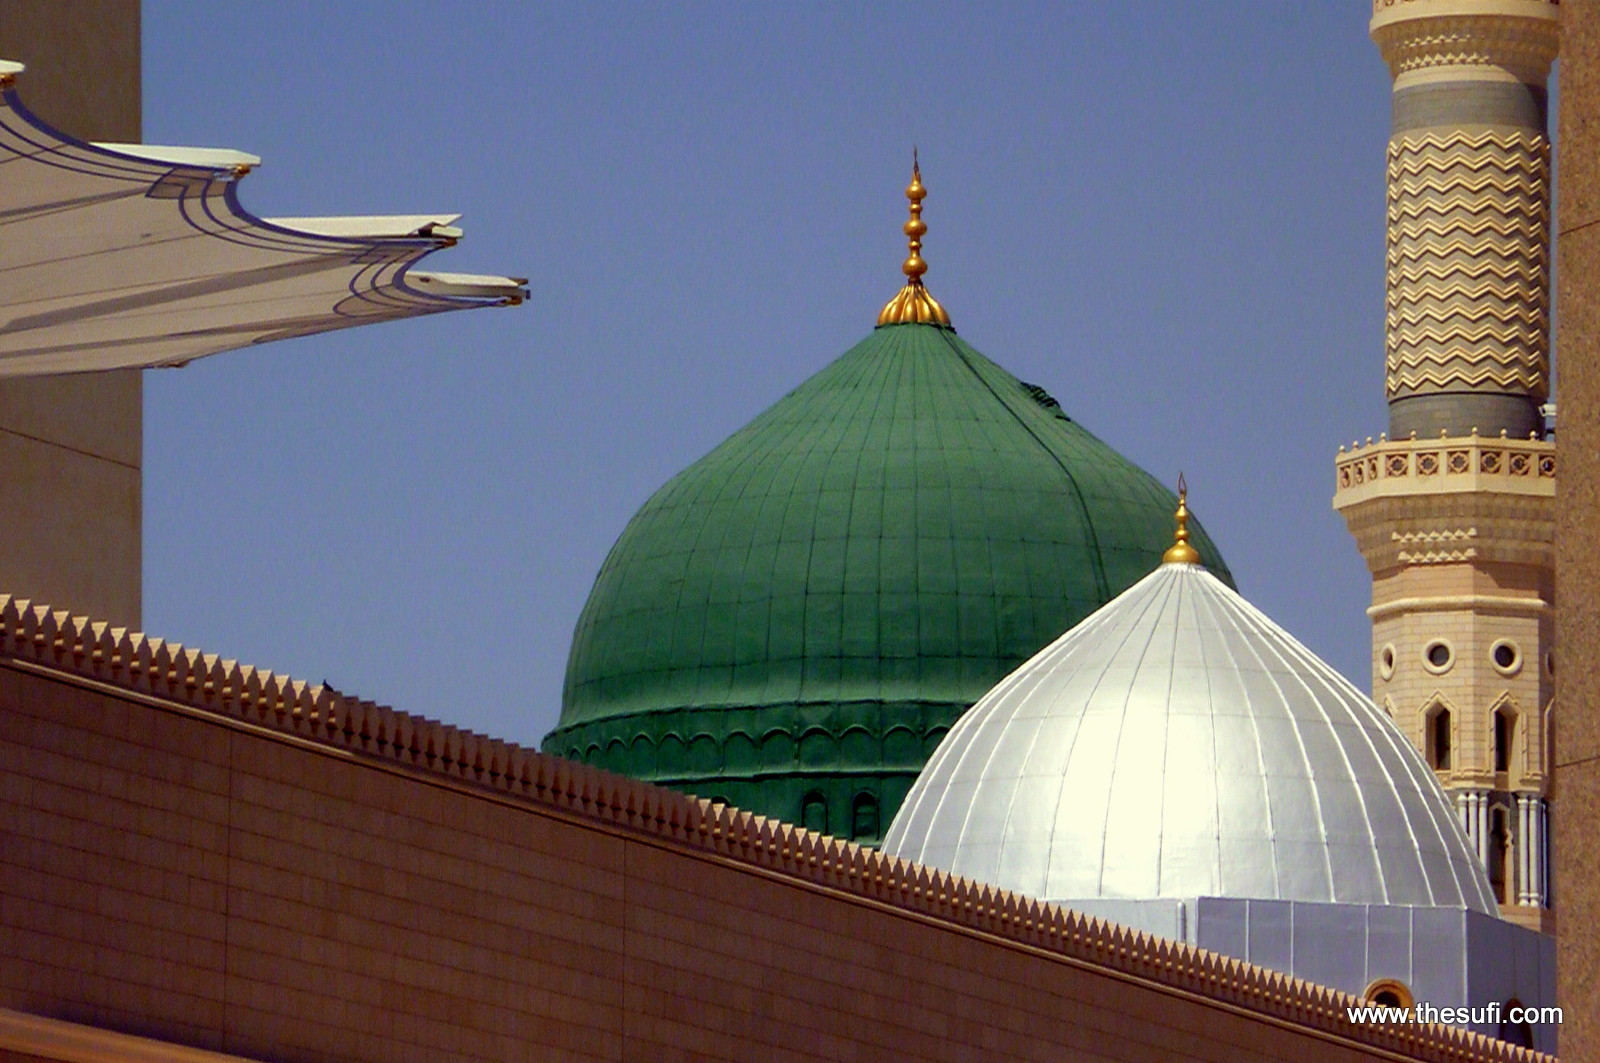 Roza-e-Rasool S.A.Q at Medina Munawara